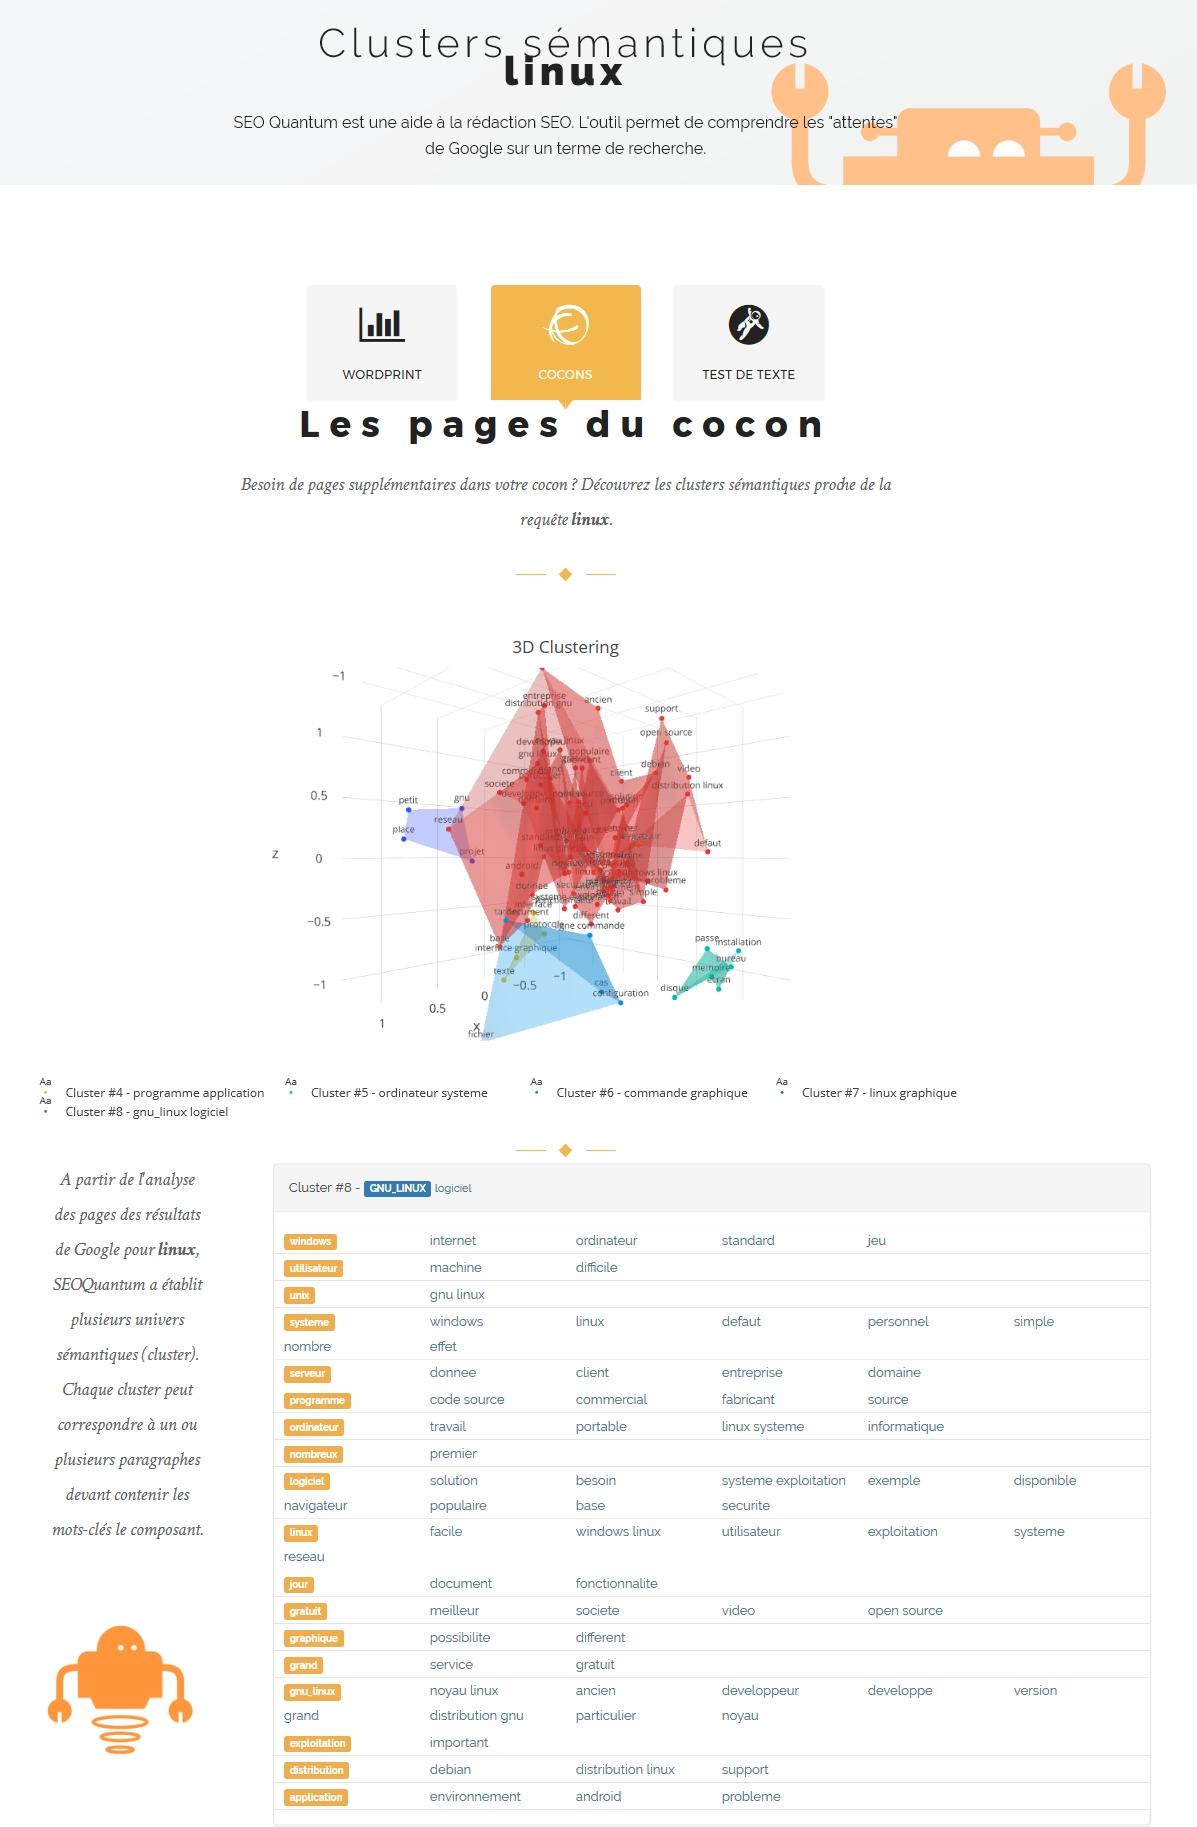 Cocons / Clusters sémantiques